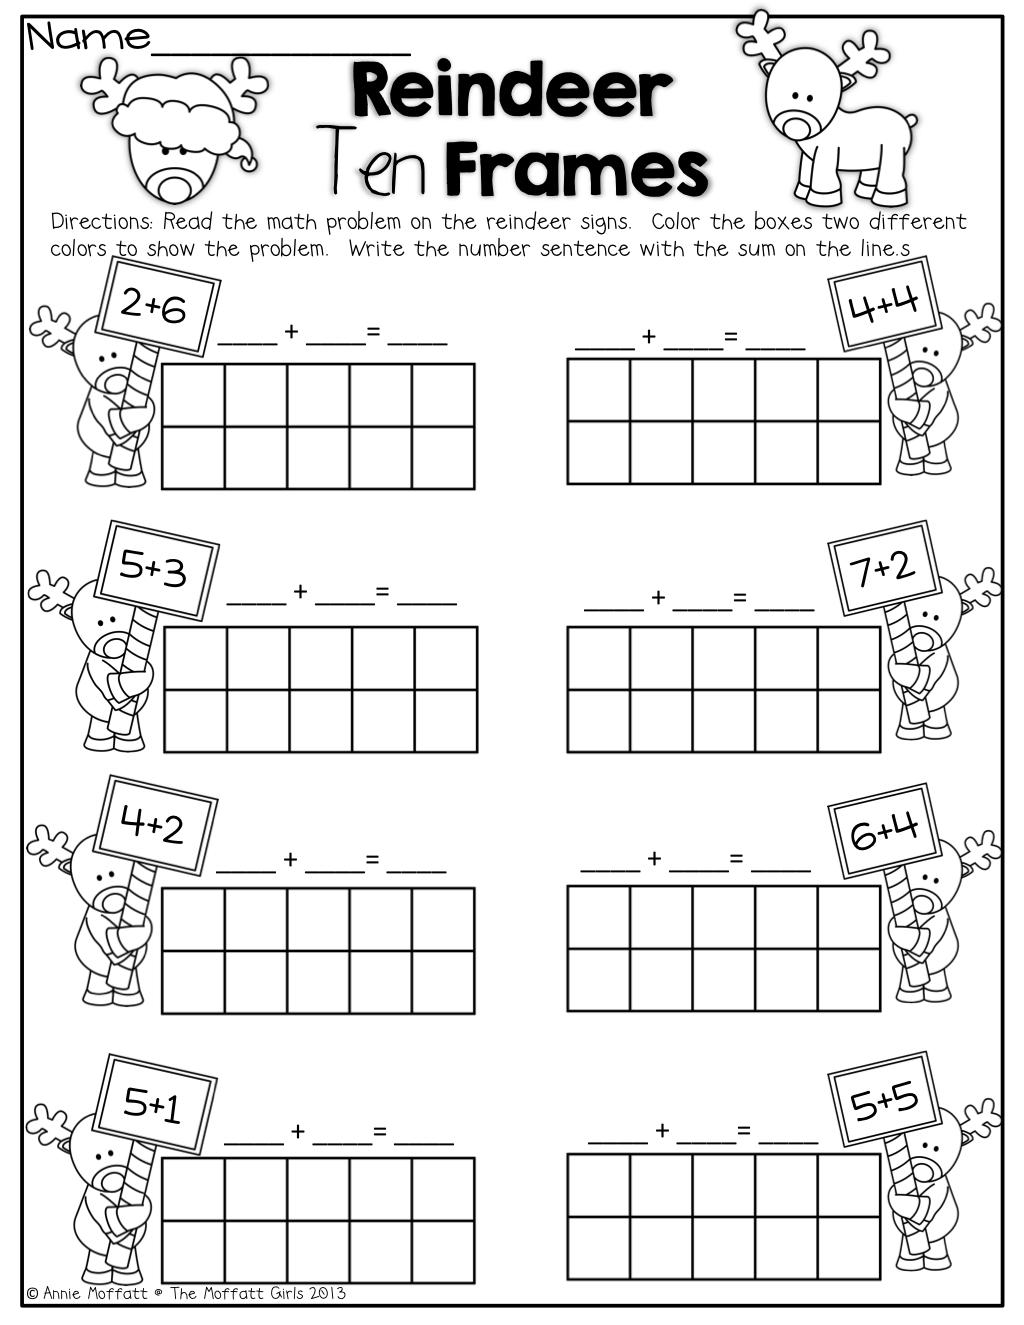 Reindeer Ten Frames! Simple Math Problems With Ten Frames